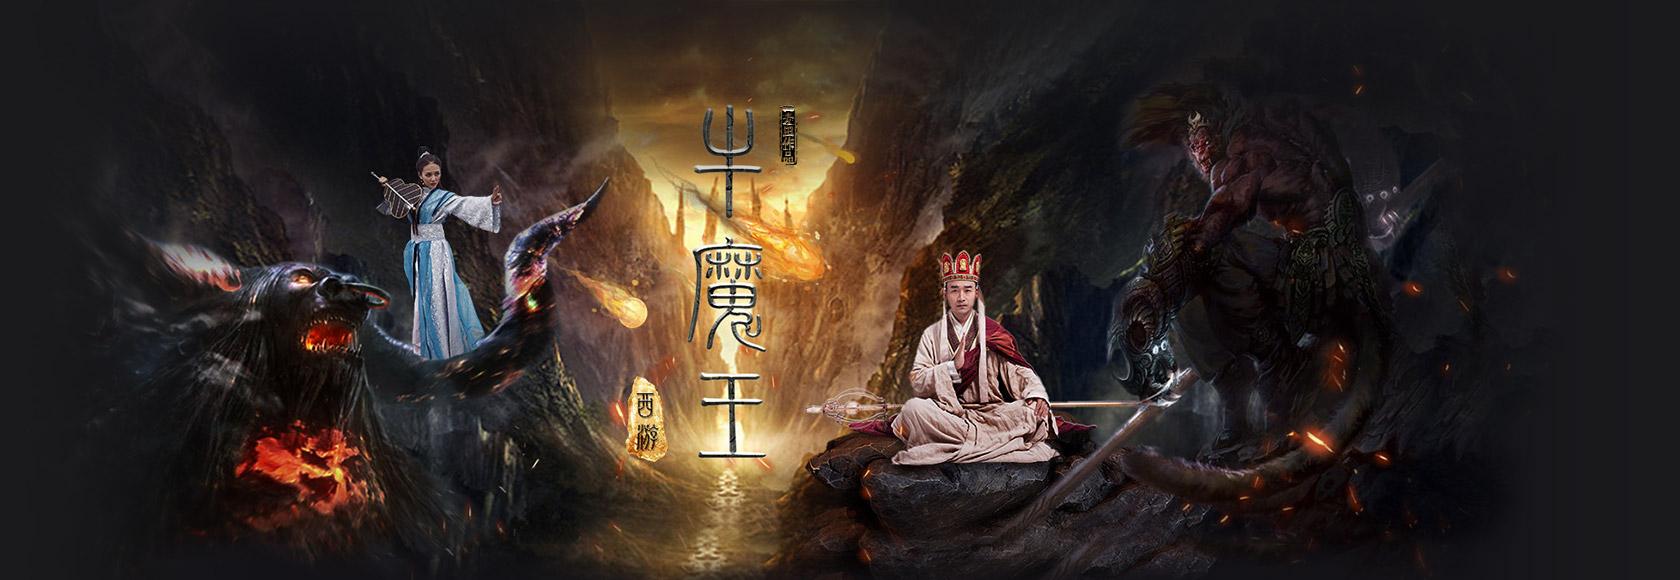 龙门县永汉镇紫馨蓝梦花艺店